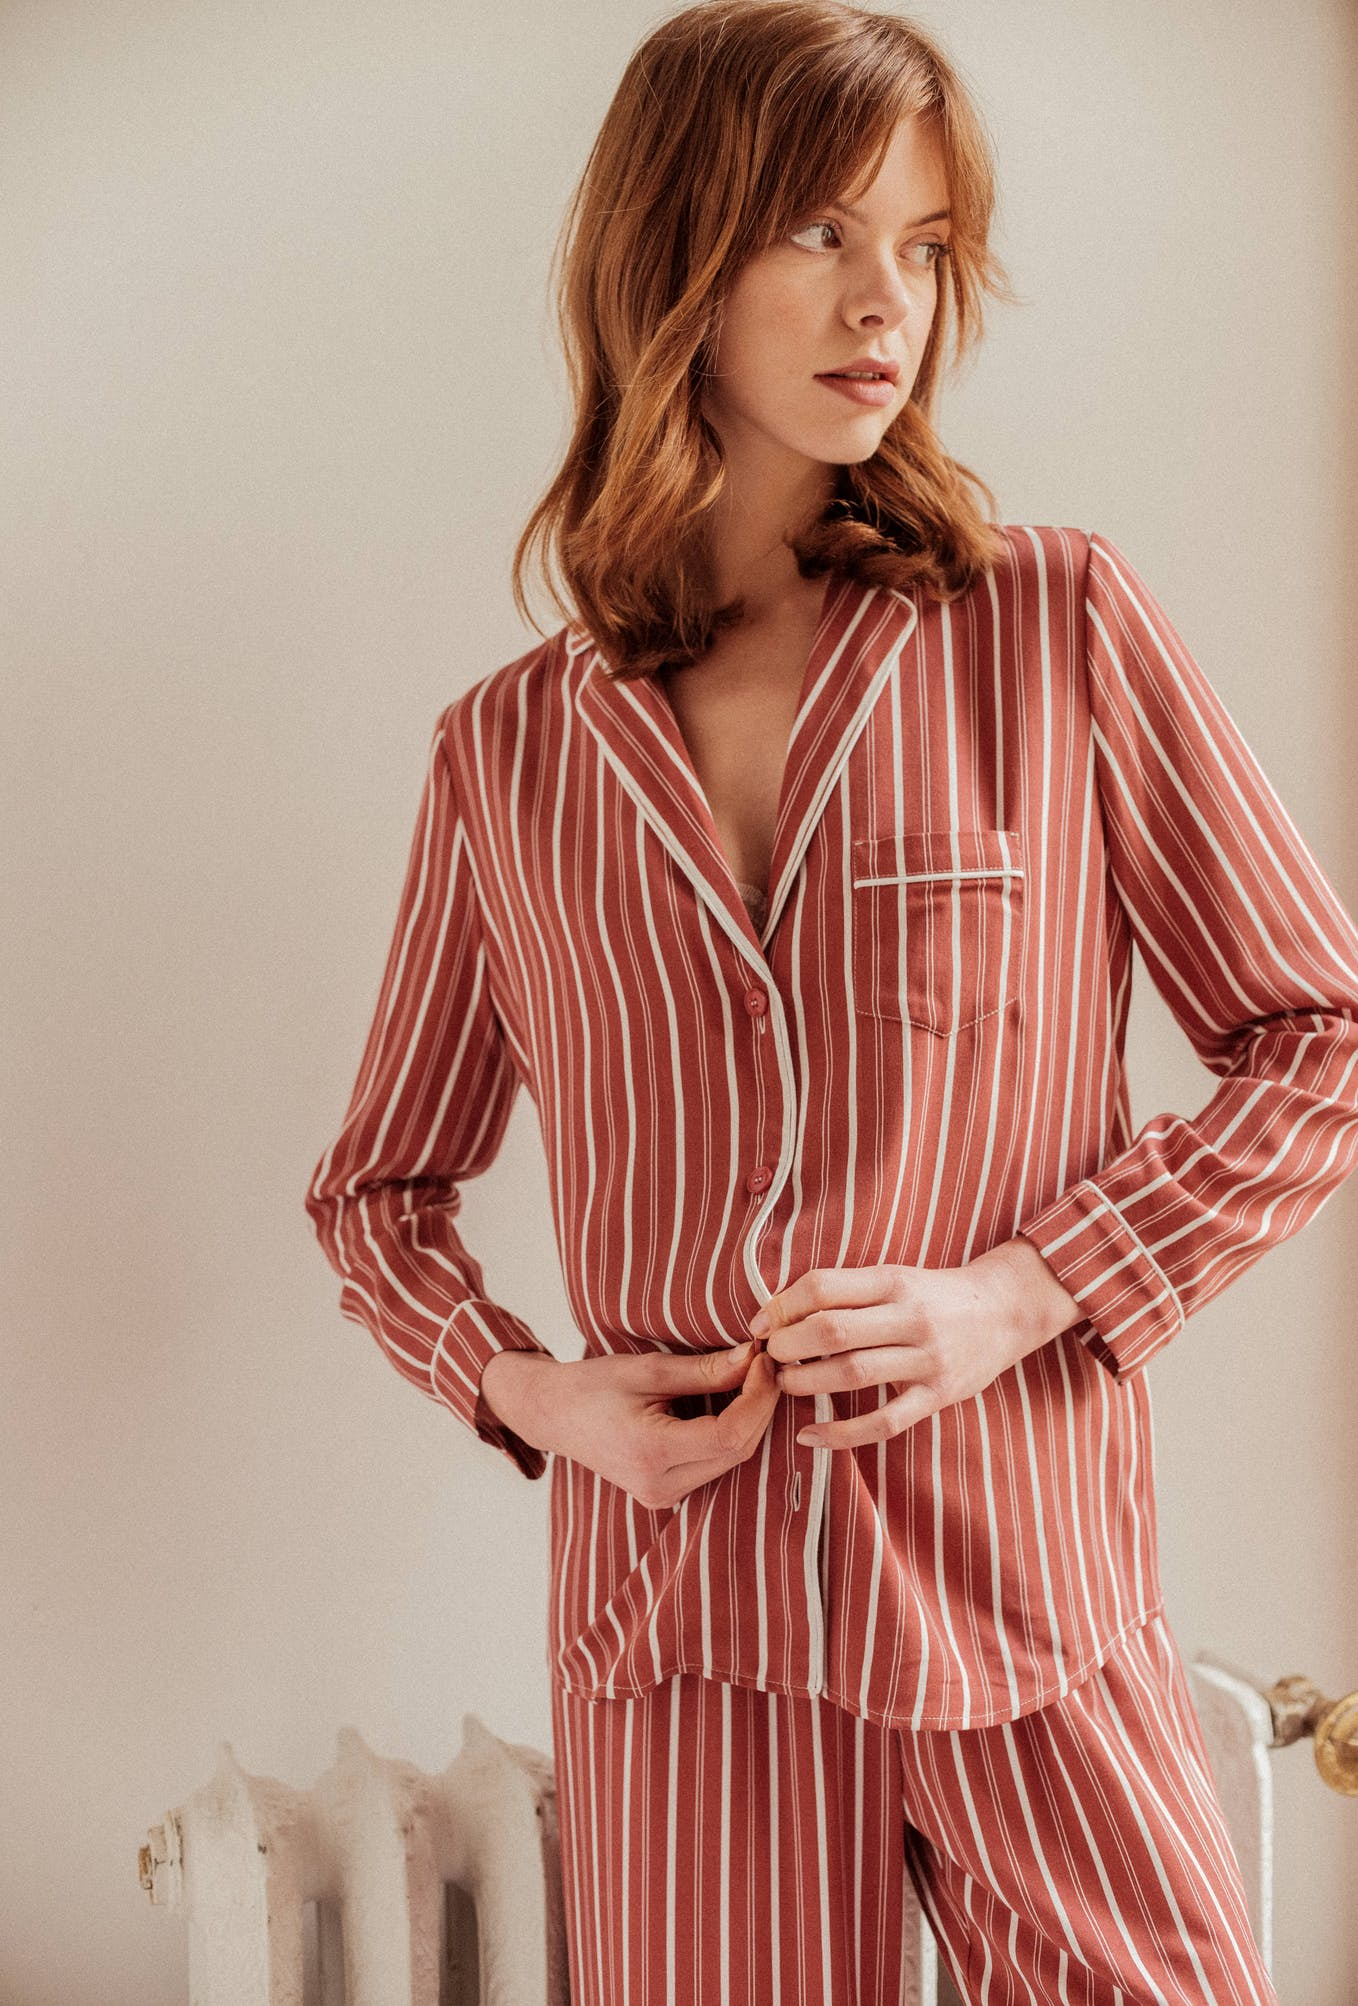 Homewear set Songe de nuit in Chérie stripes